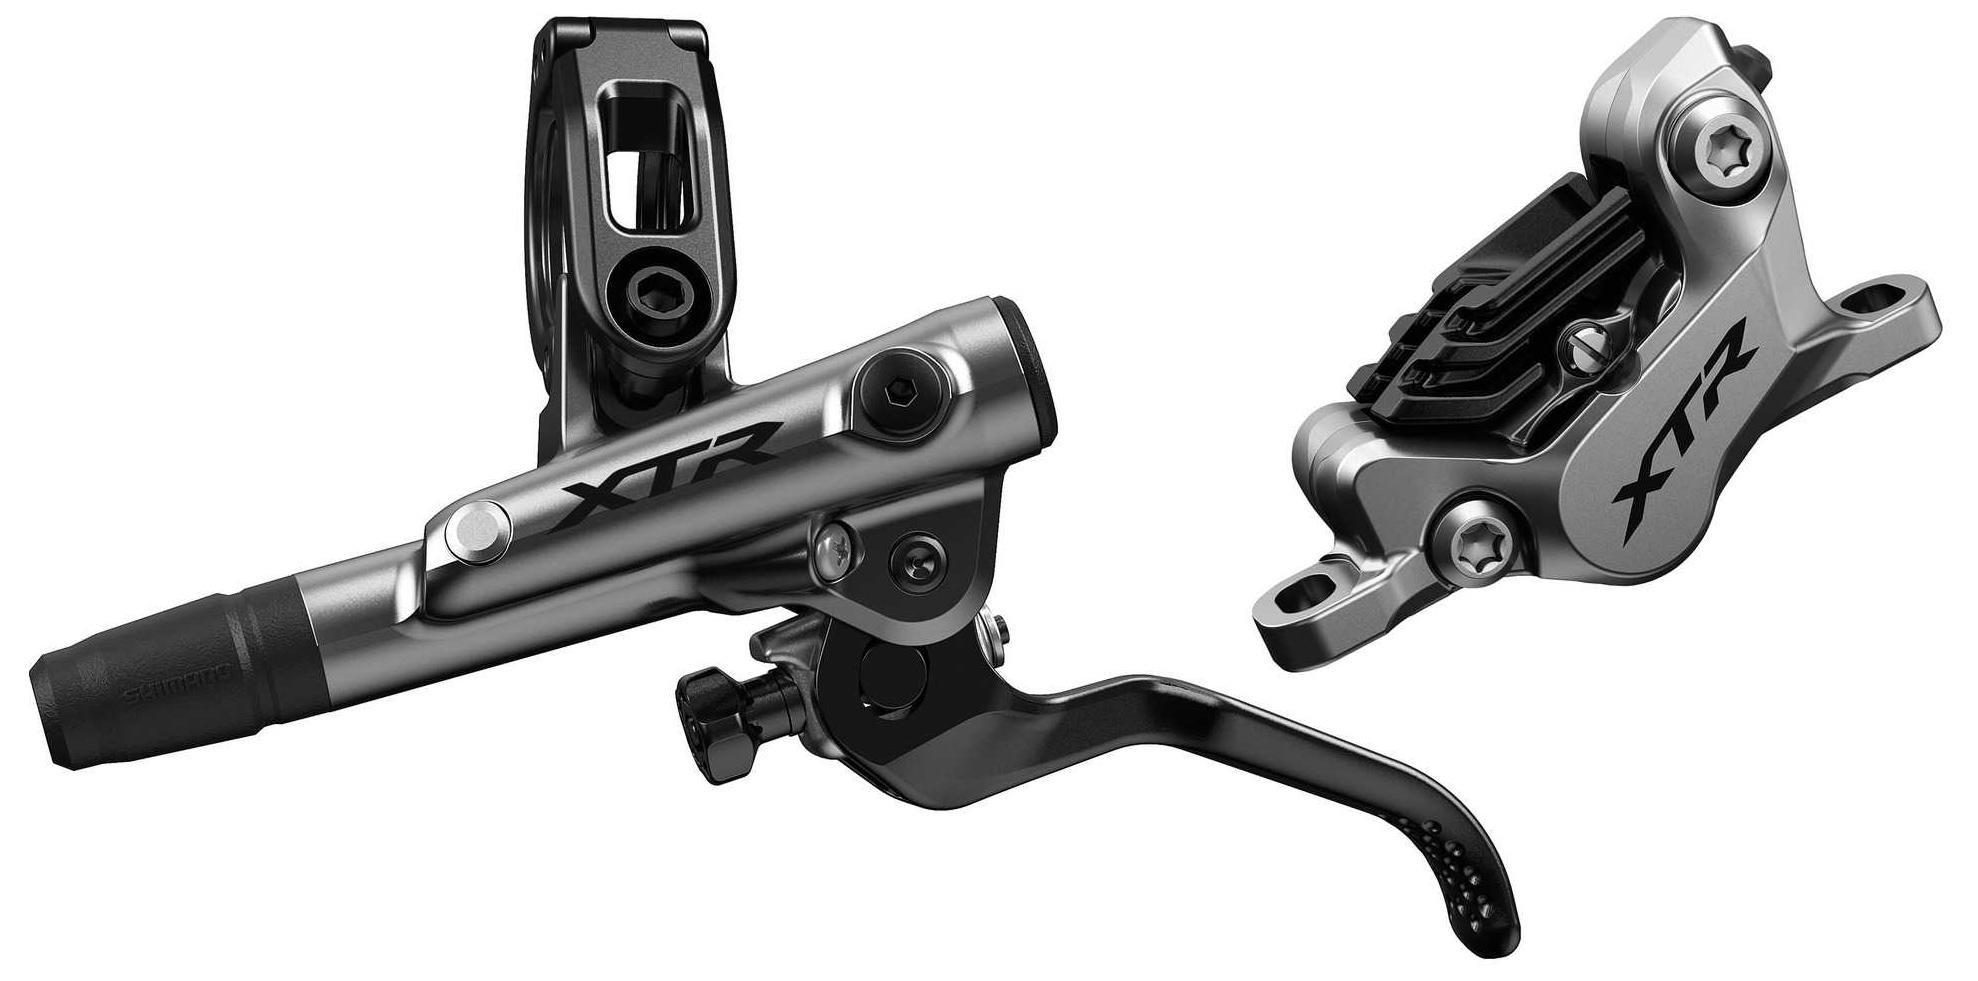 Запчасть Shimano XTR M9120, BL(лев)/BR(передн) (IM9120KLFPSA100) перекл передн shimano xtr fd m9020e 2x11v боковая тяга